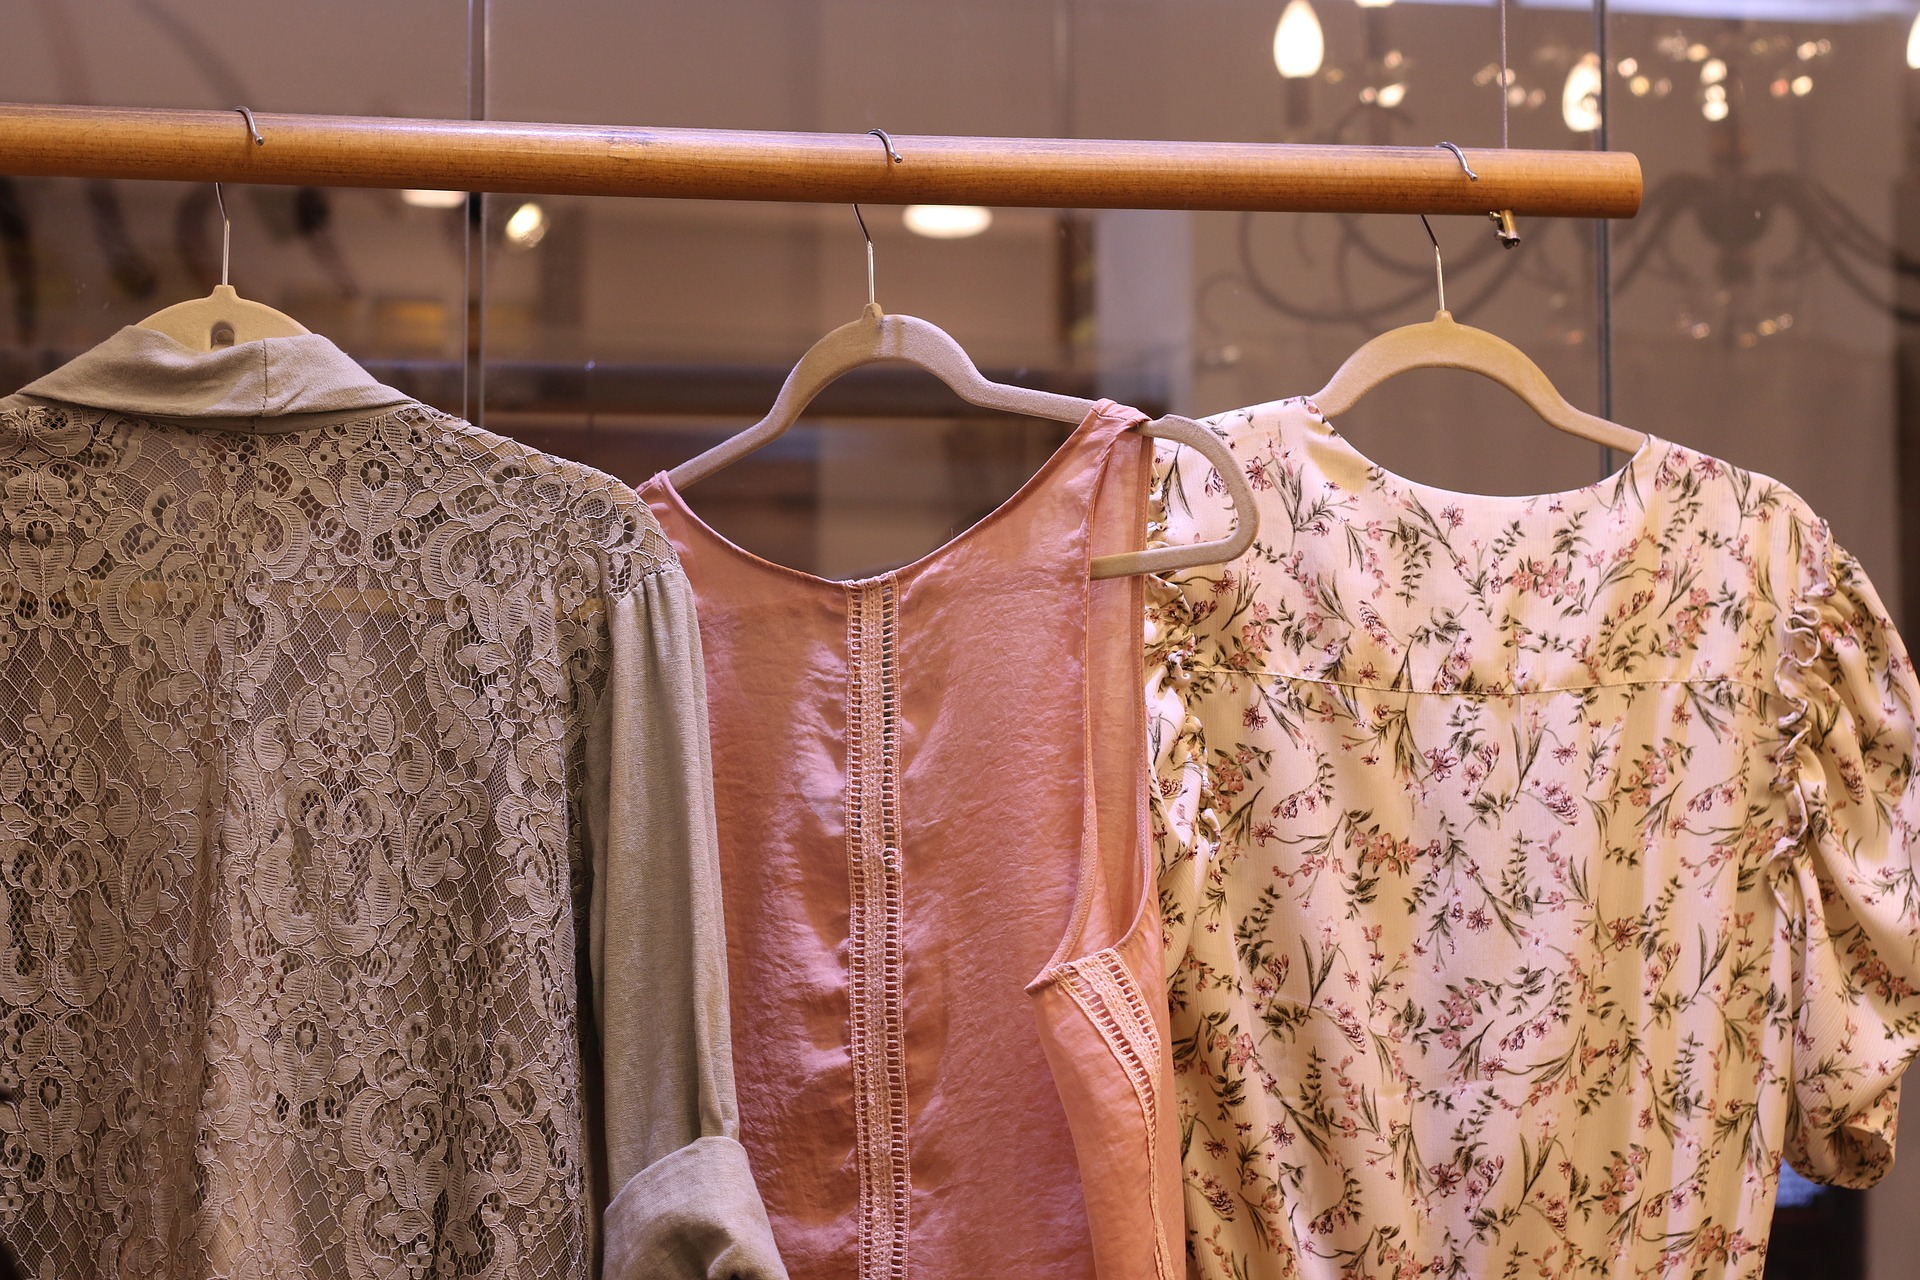 fashion-4132576_1920